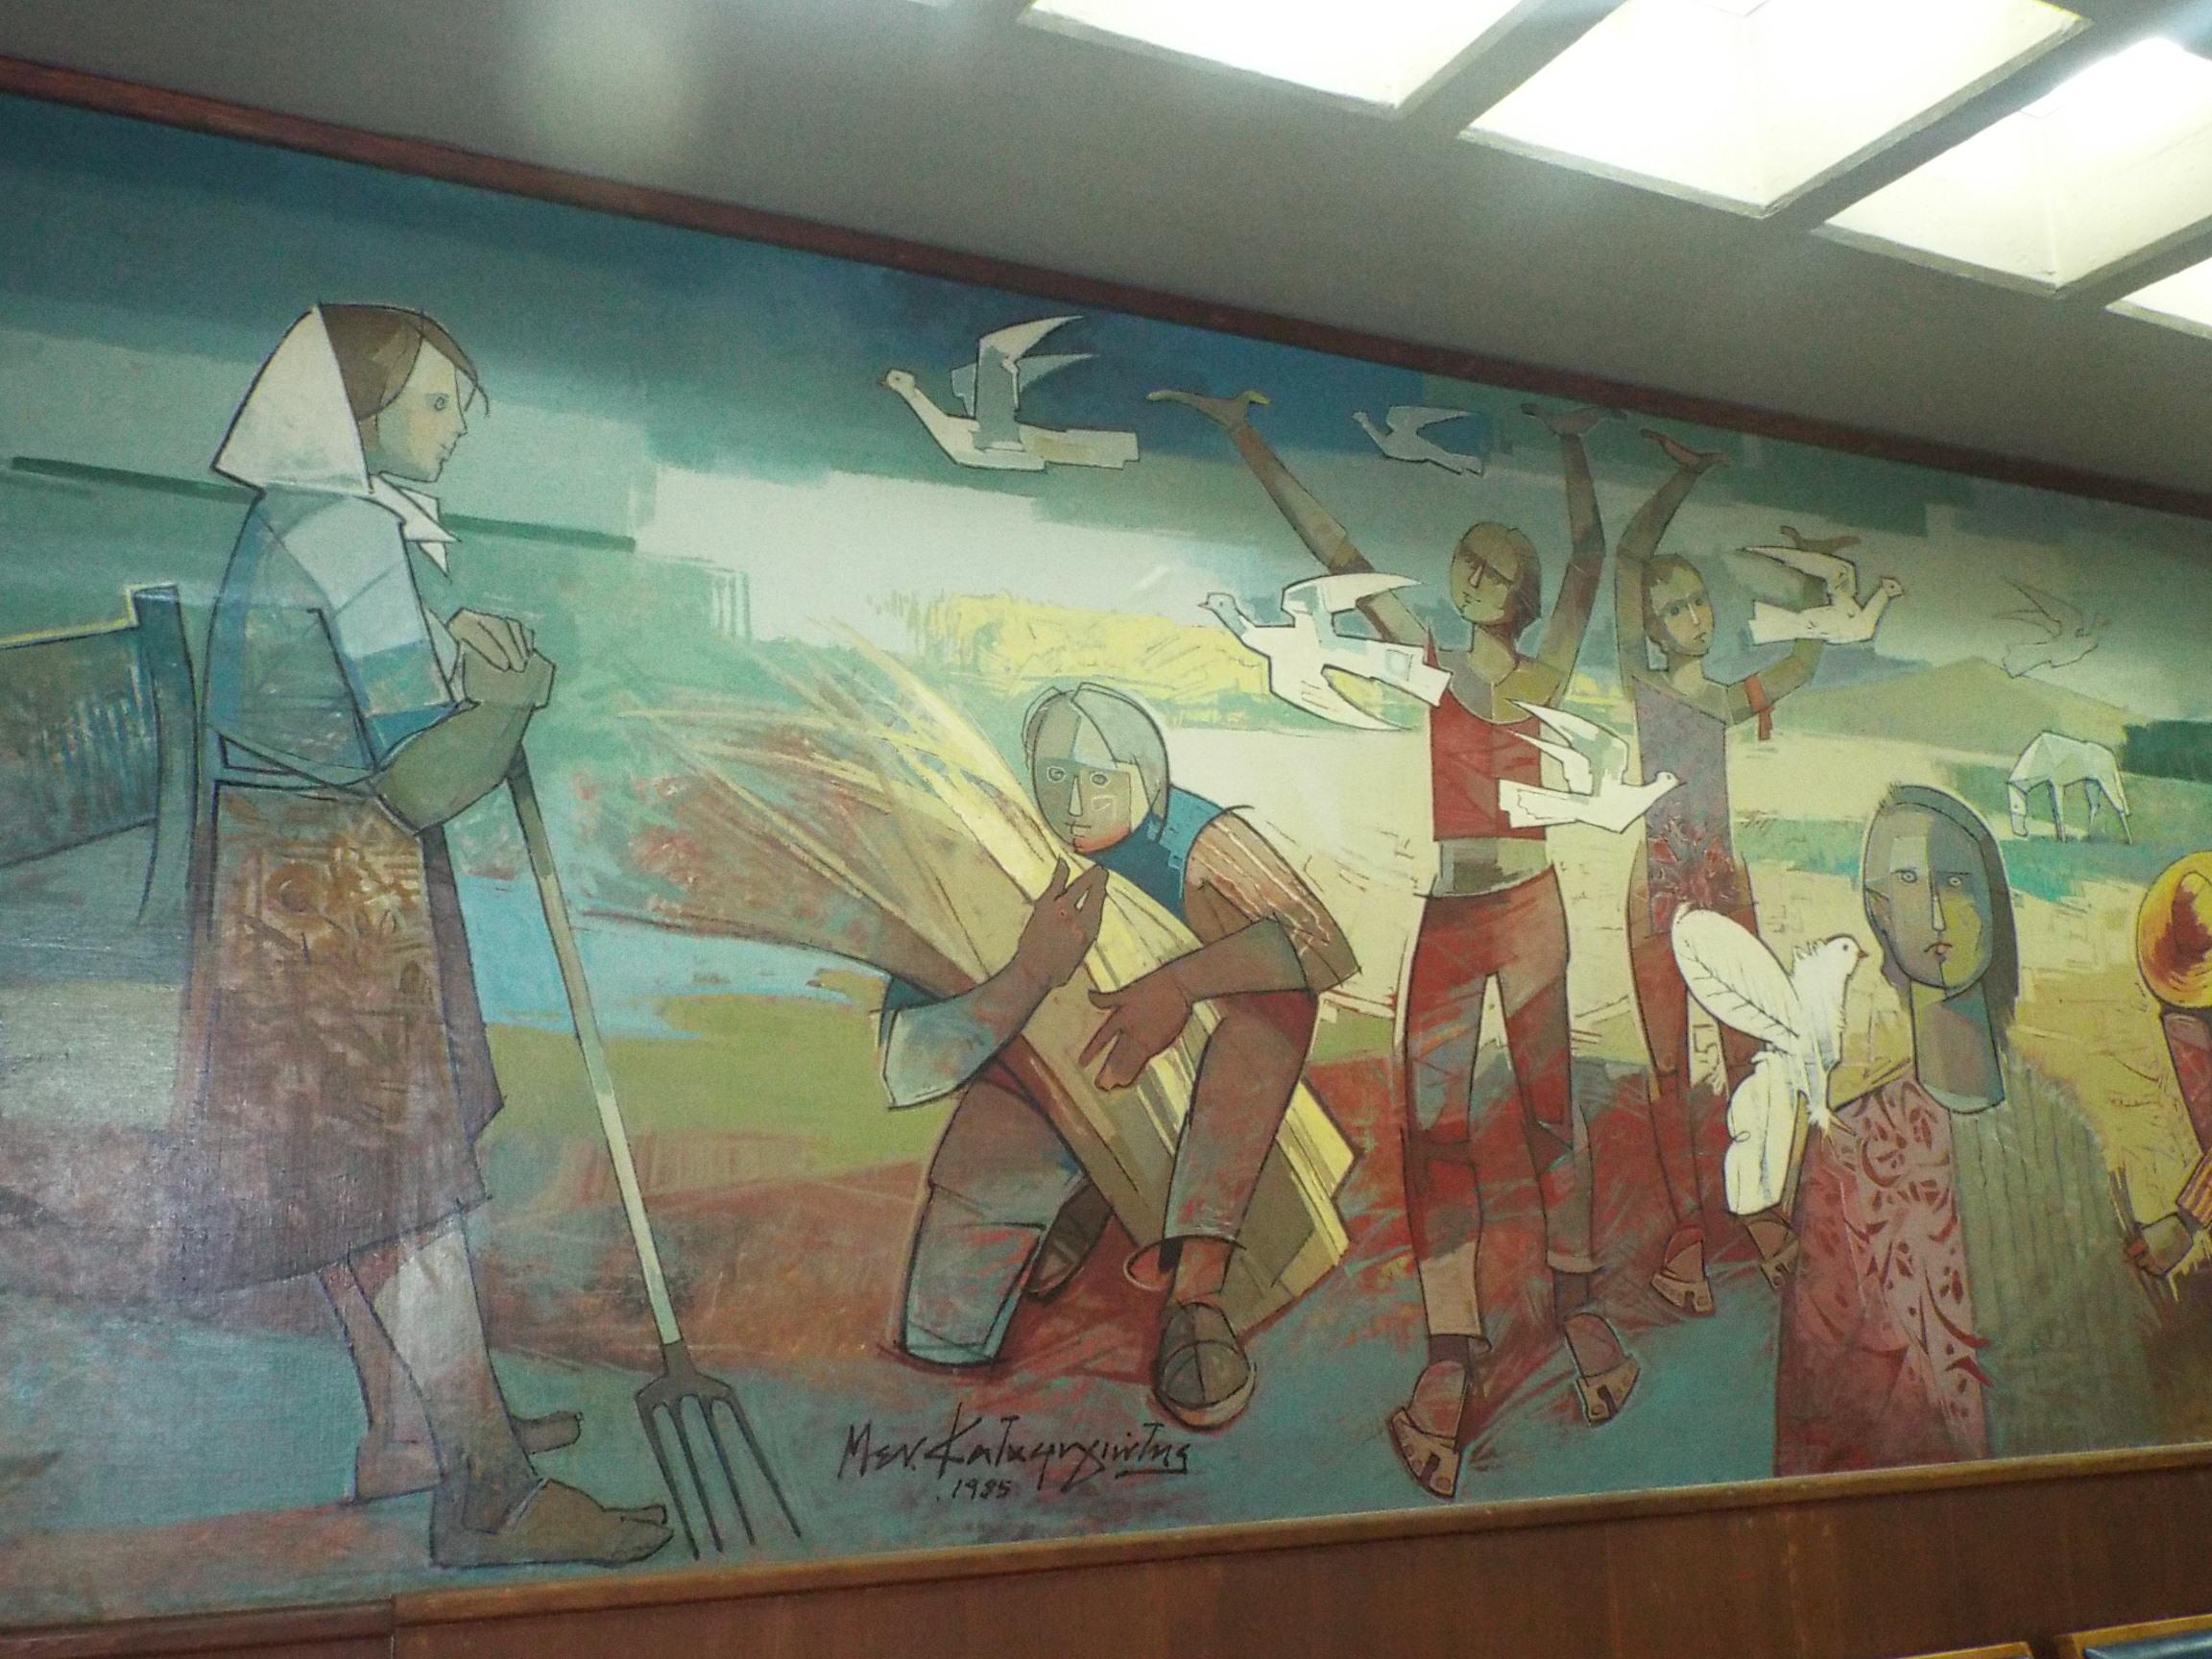 Θεσσαλικού Αγέρα Ξύπνημα, Μενέλαος Καταφυγιώτης, 1985 (λεπτομέρεια από έργο που κοσμεί την αίιθουσα συνεδριάσεων του Δημοτικού Συμβουλίου Τρικκαίων)